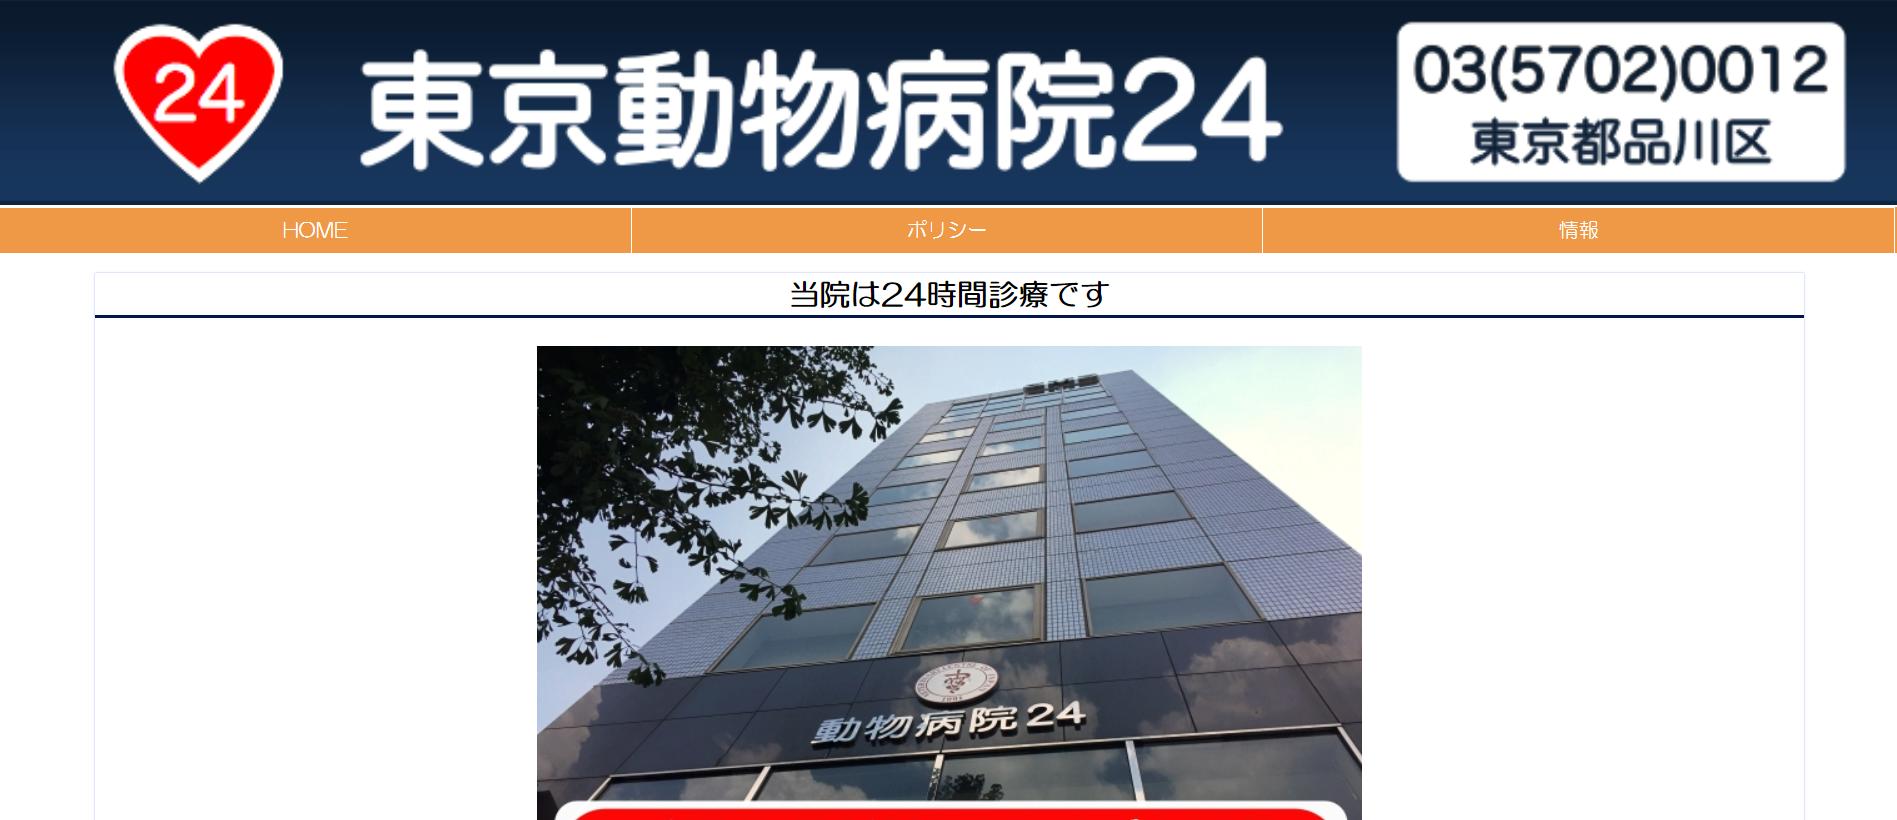 東京動物病院24 24時間診療…東京都内品川区にあり、祝日・夜間・救急時にも対応する24時間診療動物病院です。